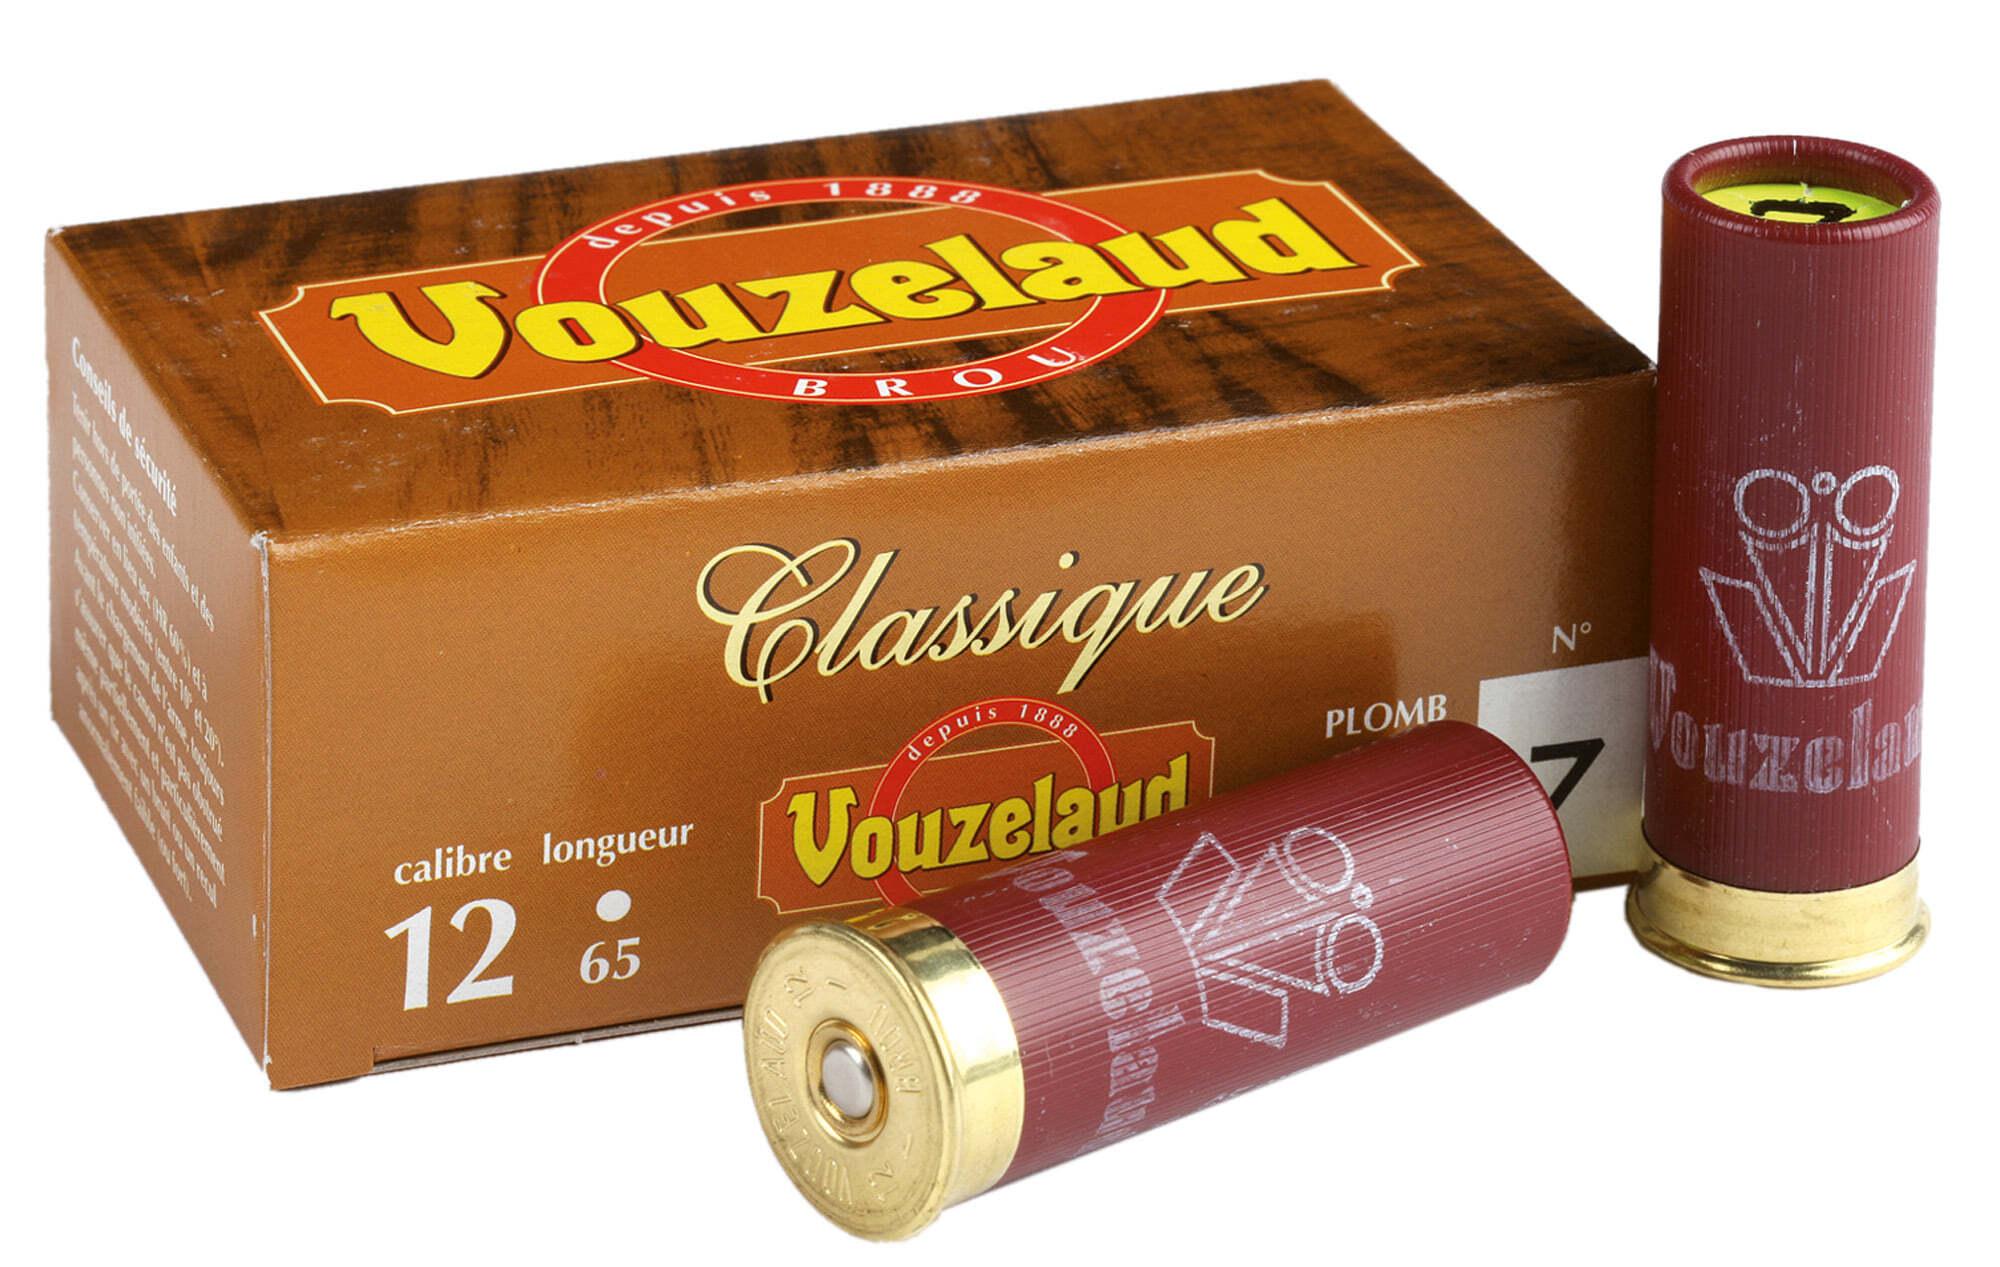 Classique petit 1265 calibre Cartouches Vouzelaud VOUZELAUD culot 6E7wX54Xq